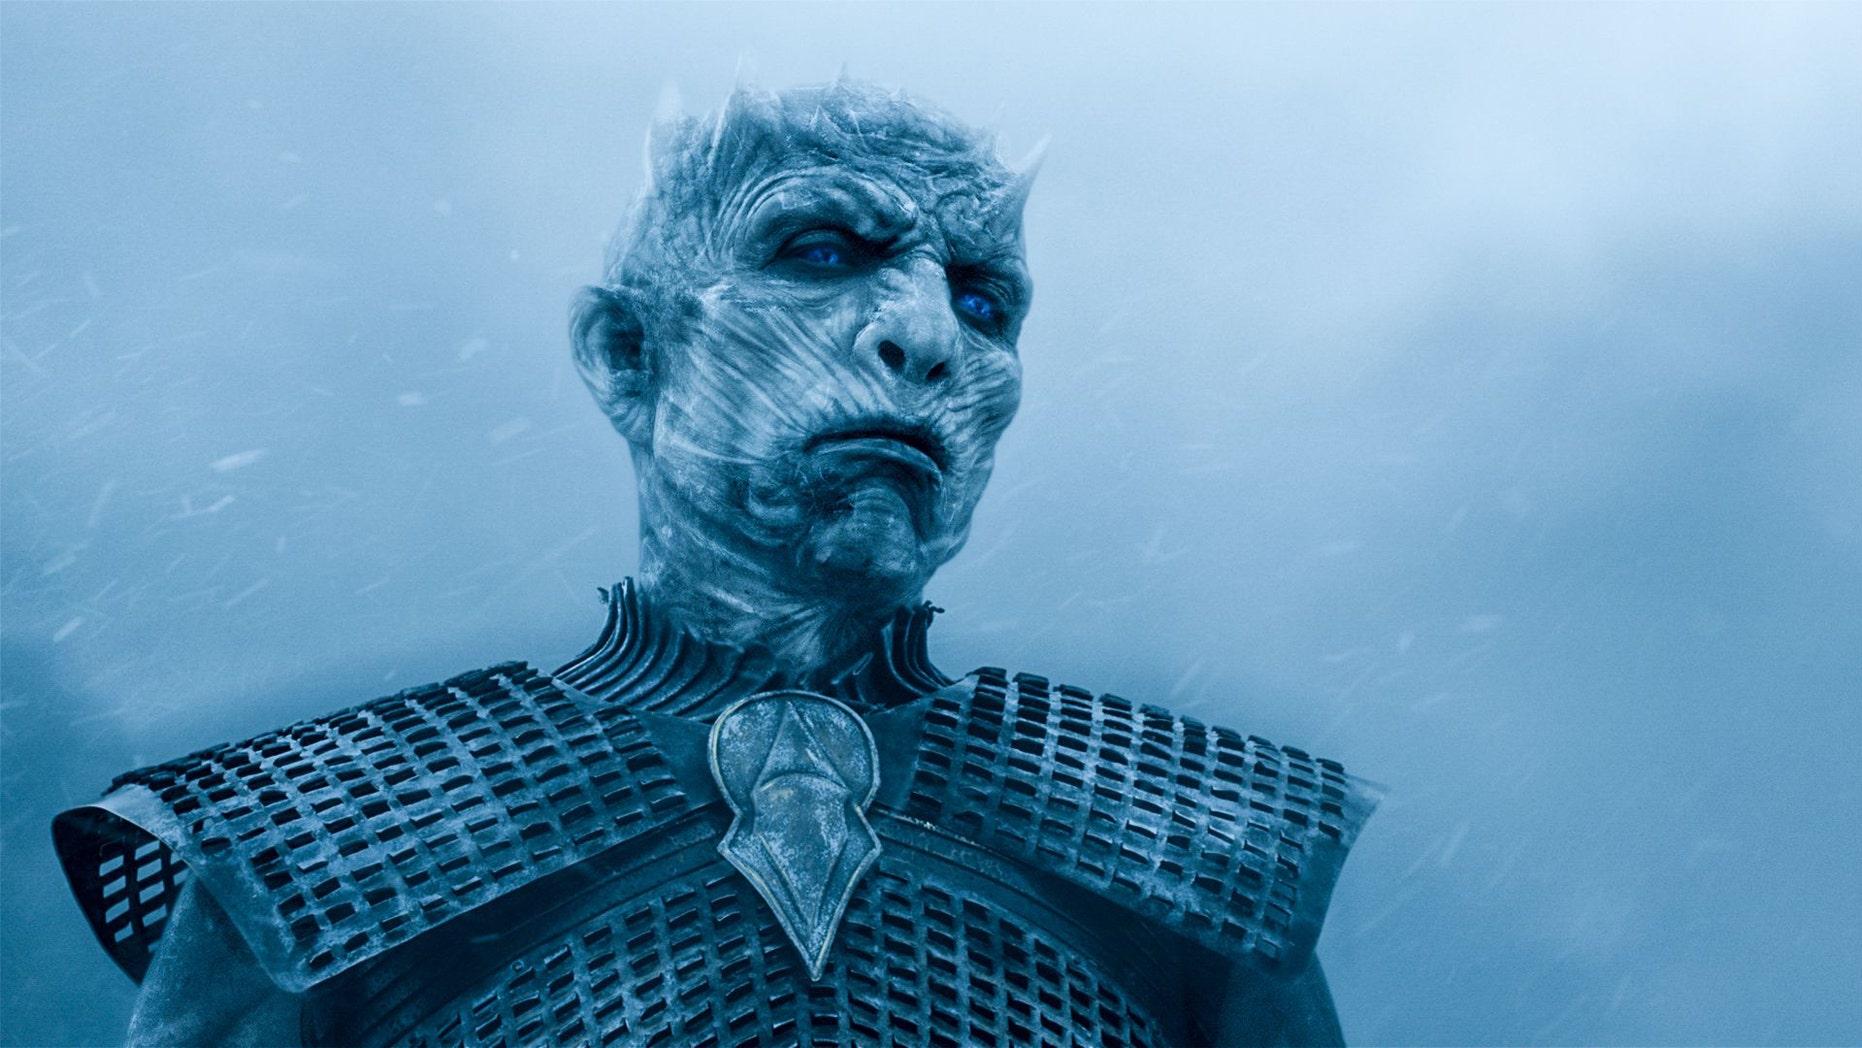 """Vladimir Furdik as the Night King on HBO's hit series """"Game of Thrones."""""""